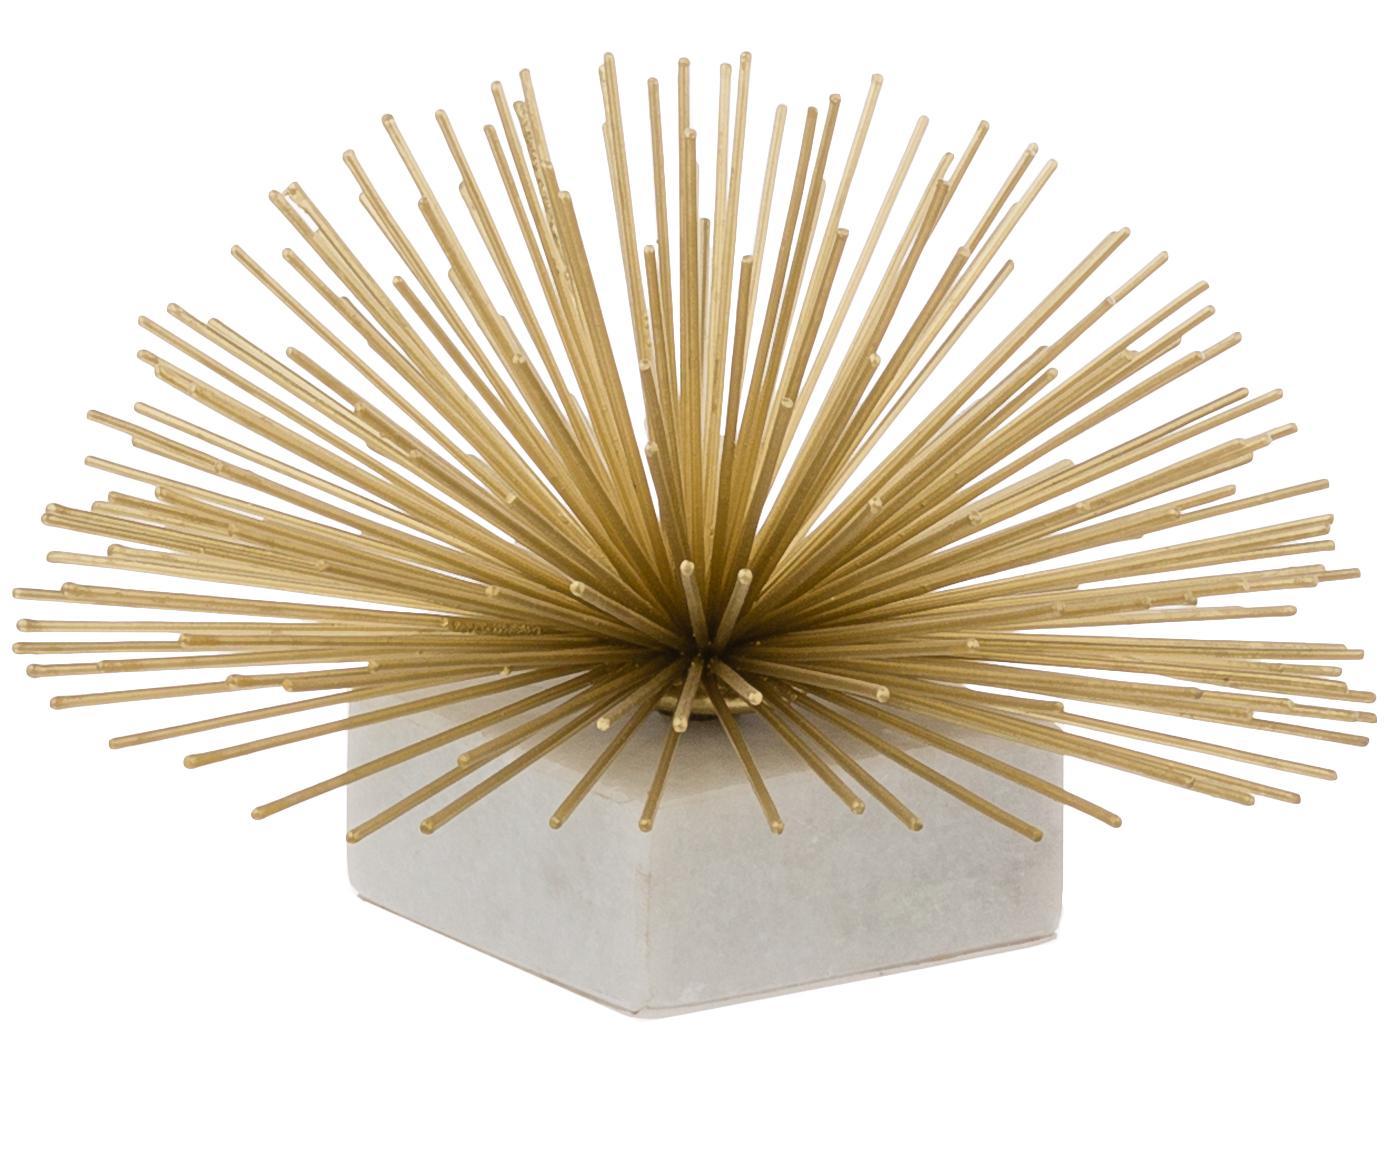 Dekoracja Marburch, Nogi: marmur, Nasada: odcienie złotego<br>Podstawa: jasny marmur, Ø 16 x W 11 cm